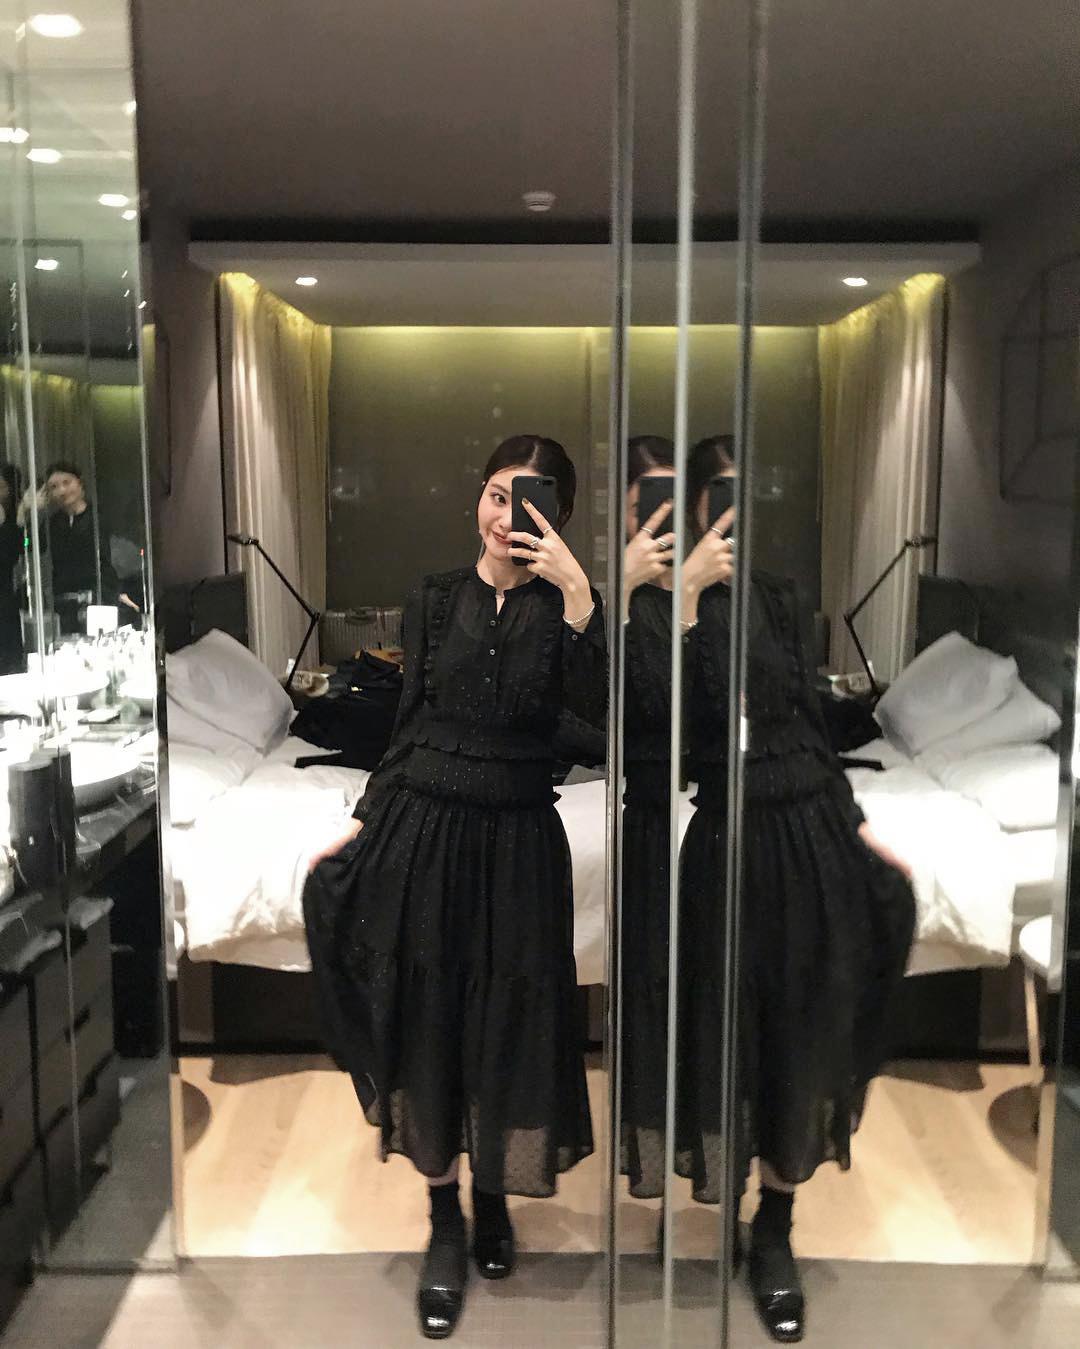 iWiNG 亮丝波点气质两件套小黑裙秋冬 连衣裙女2019过年新款女装